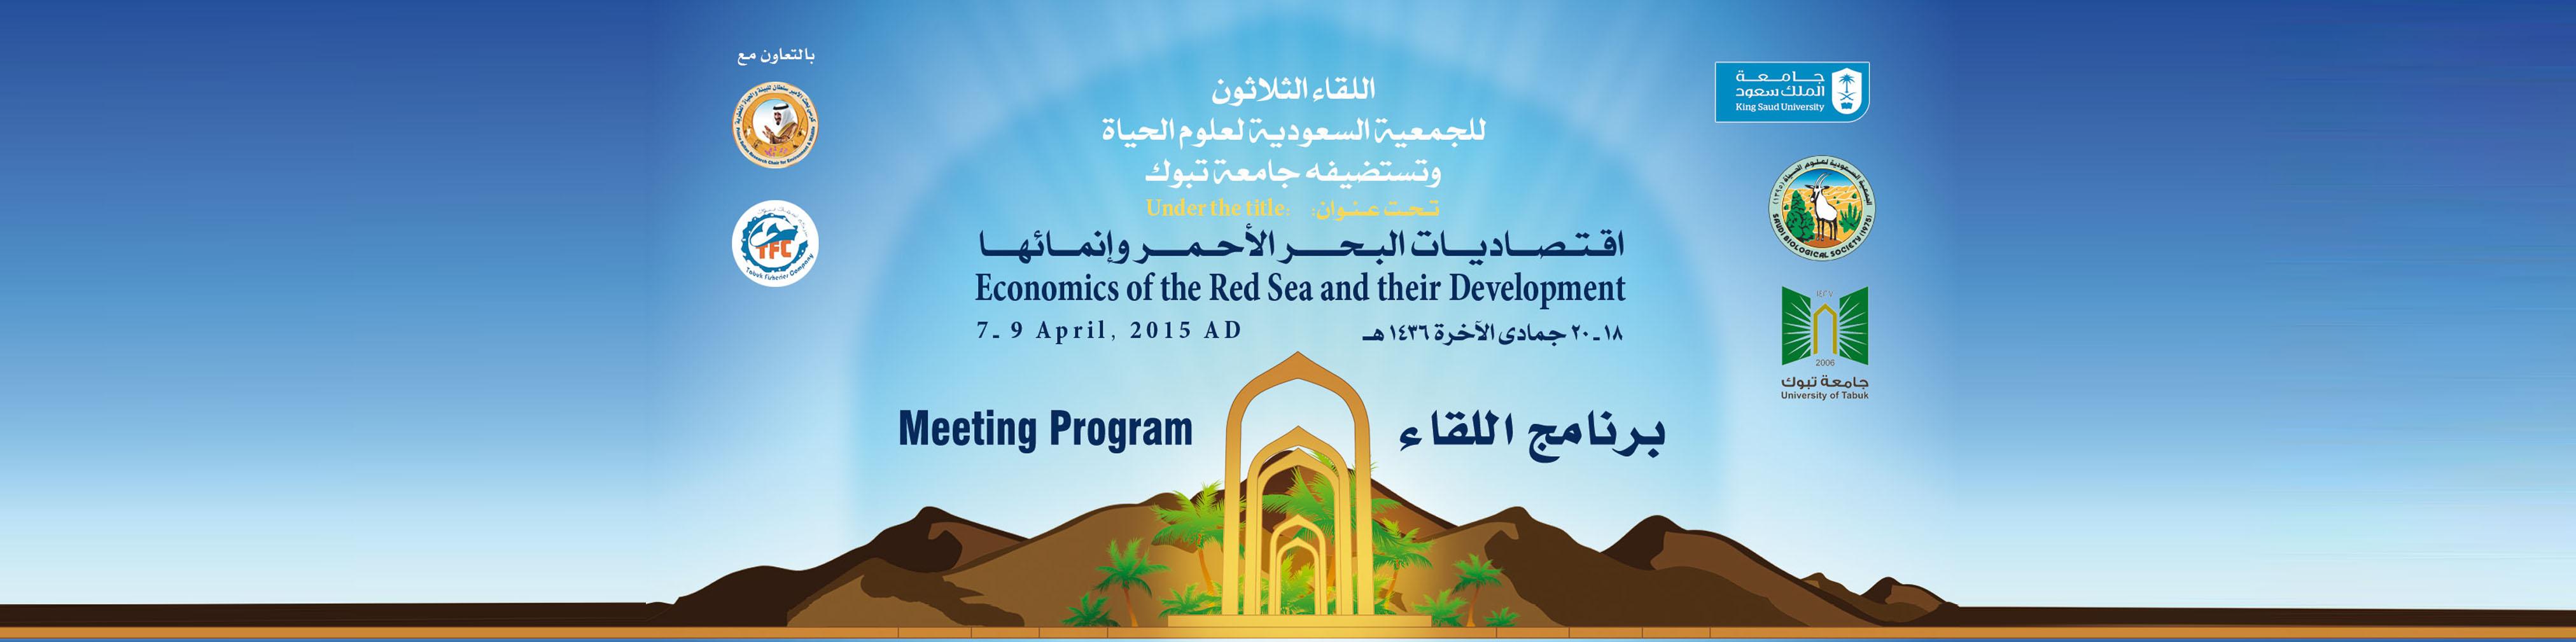 اللقاء الثلاثون للجمعية... - اقتصاديات البحر الأحمر وإنمائها